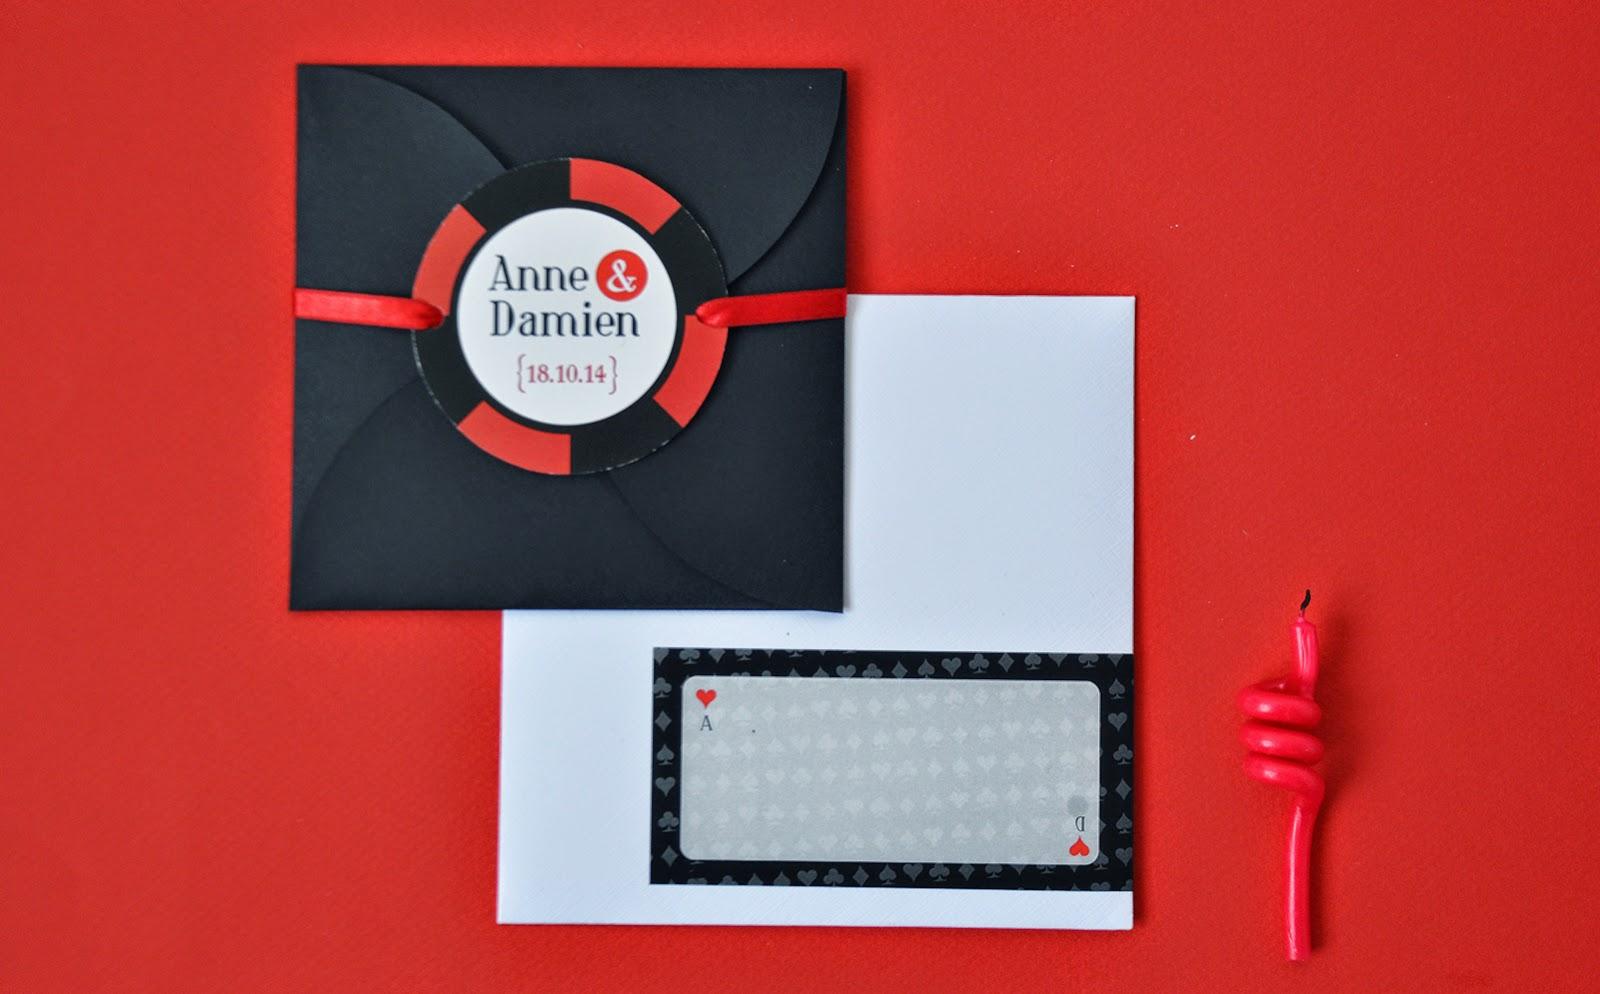 arr te de r ver faire part l 39 invitation casino pour les 10 ans de mariage de damien aur lie. Black Bedroom Furniture Sets. Home Design Ideas